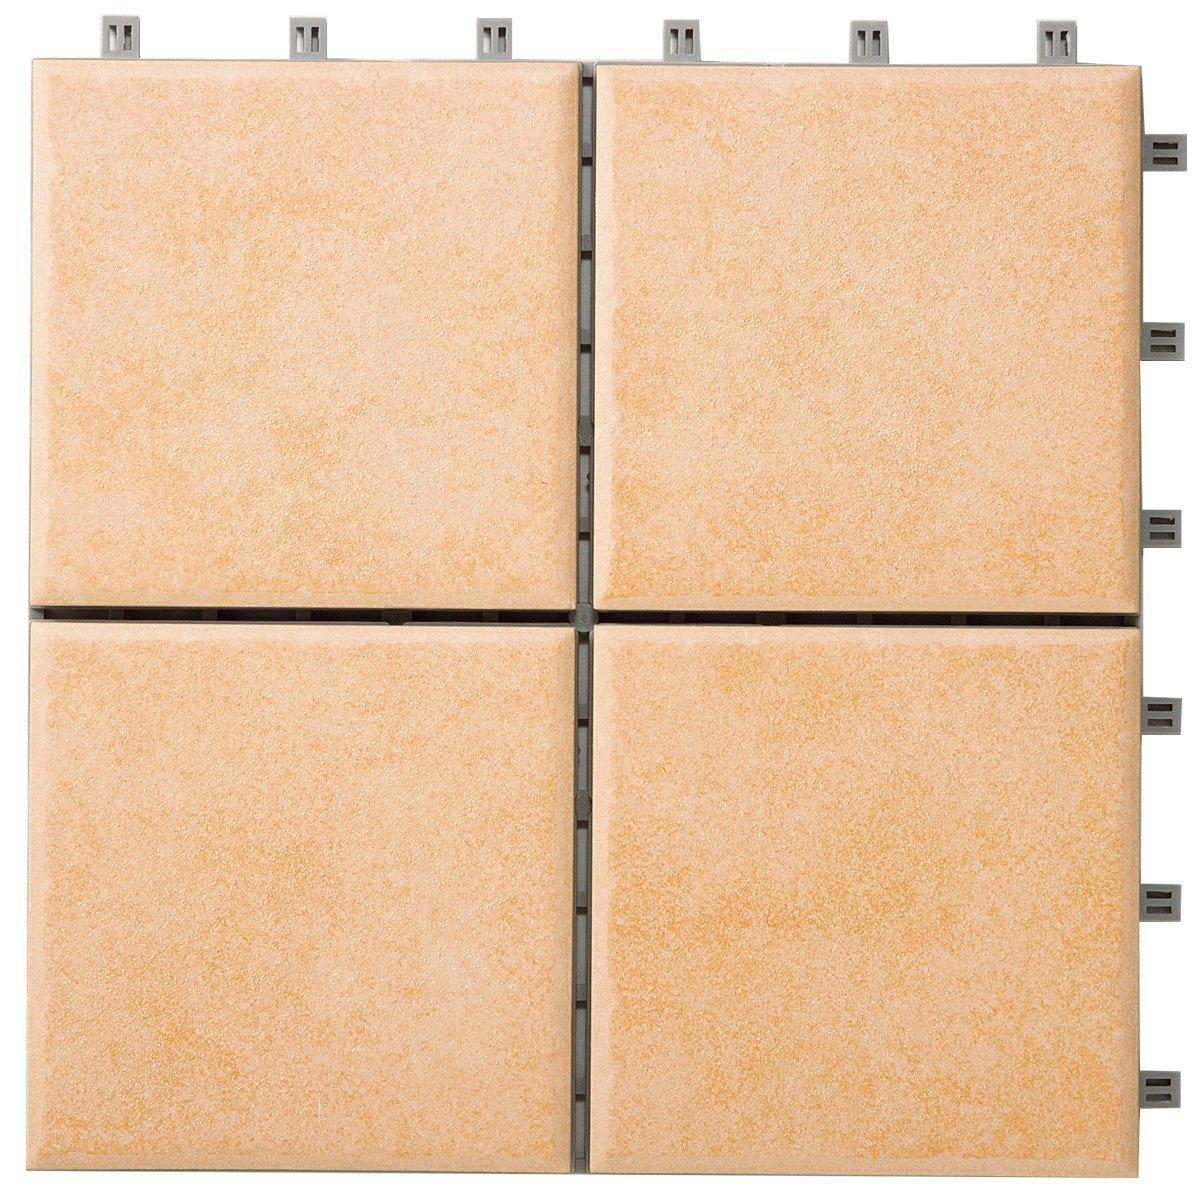 LIXIL(リクシル) INAX バルコニー用ユニットタイル セライージー 300角樹脂マット張り 10枚セット ホワイト TFU-150M/NT-1 B01ERPTEHS 14785 ホワイト|150角 ホワイト